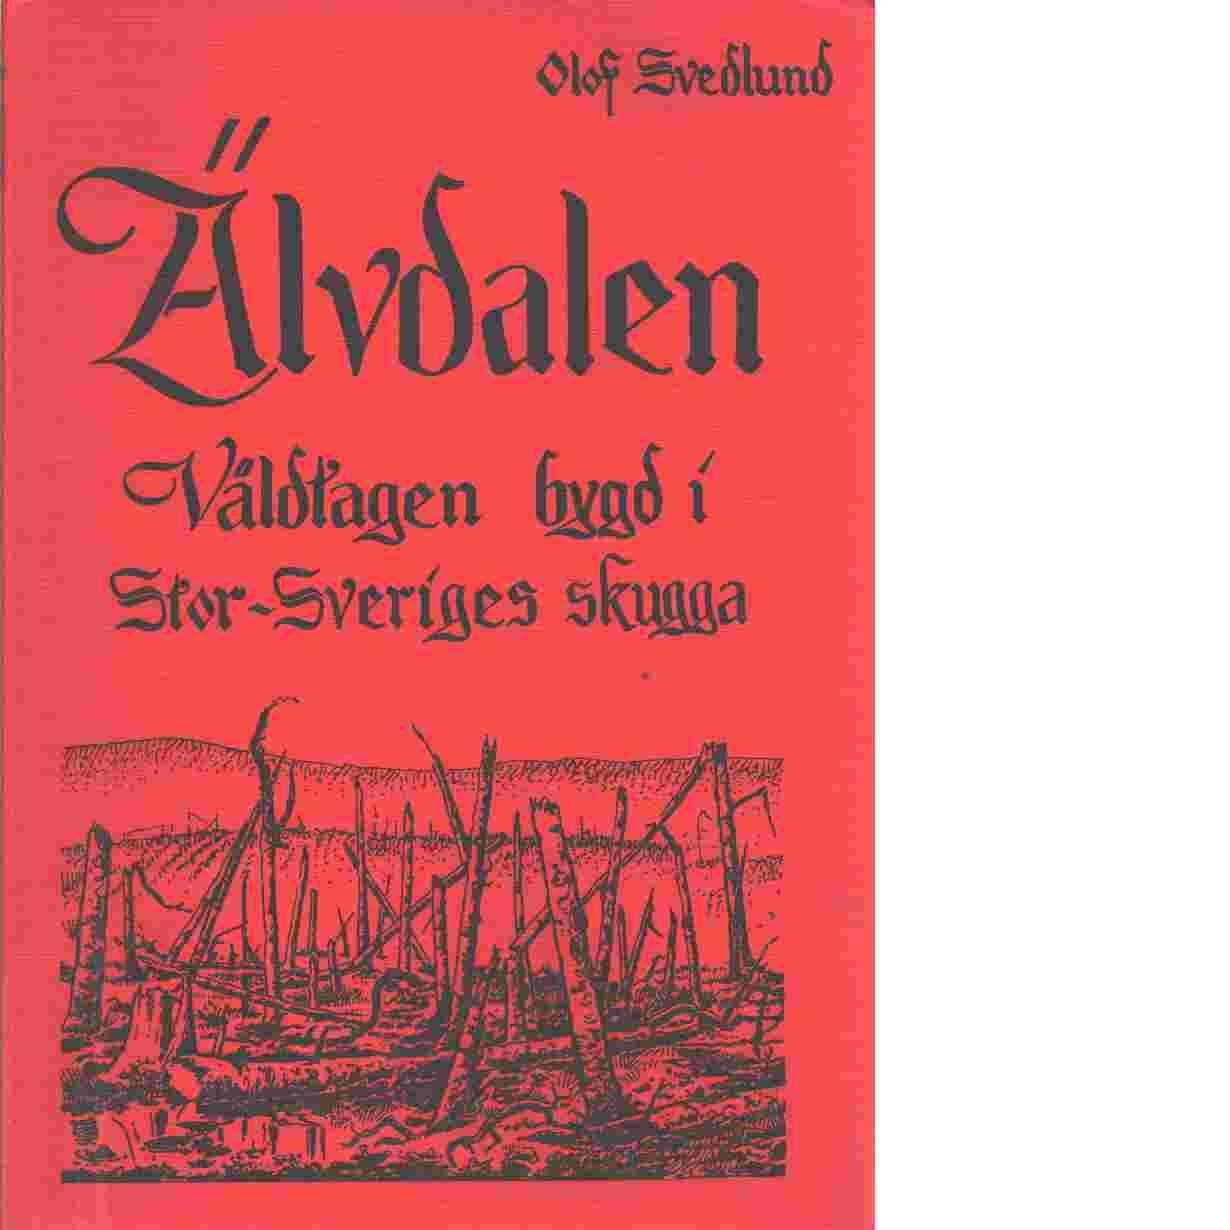 Älvdalen : våldtagen bygd i Stor-Sveriges skugga - Svedlund, Olof